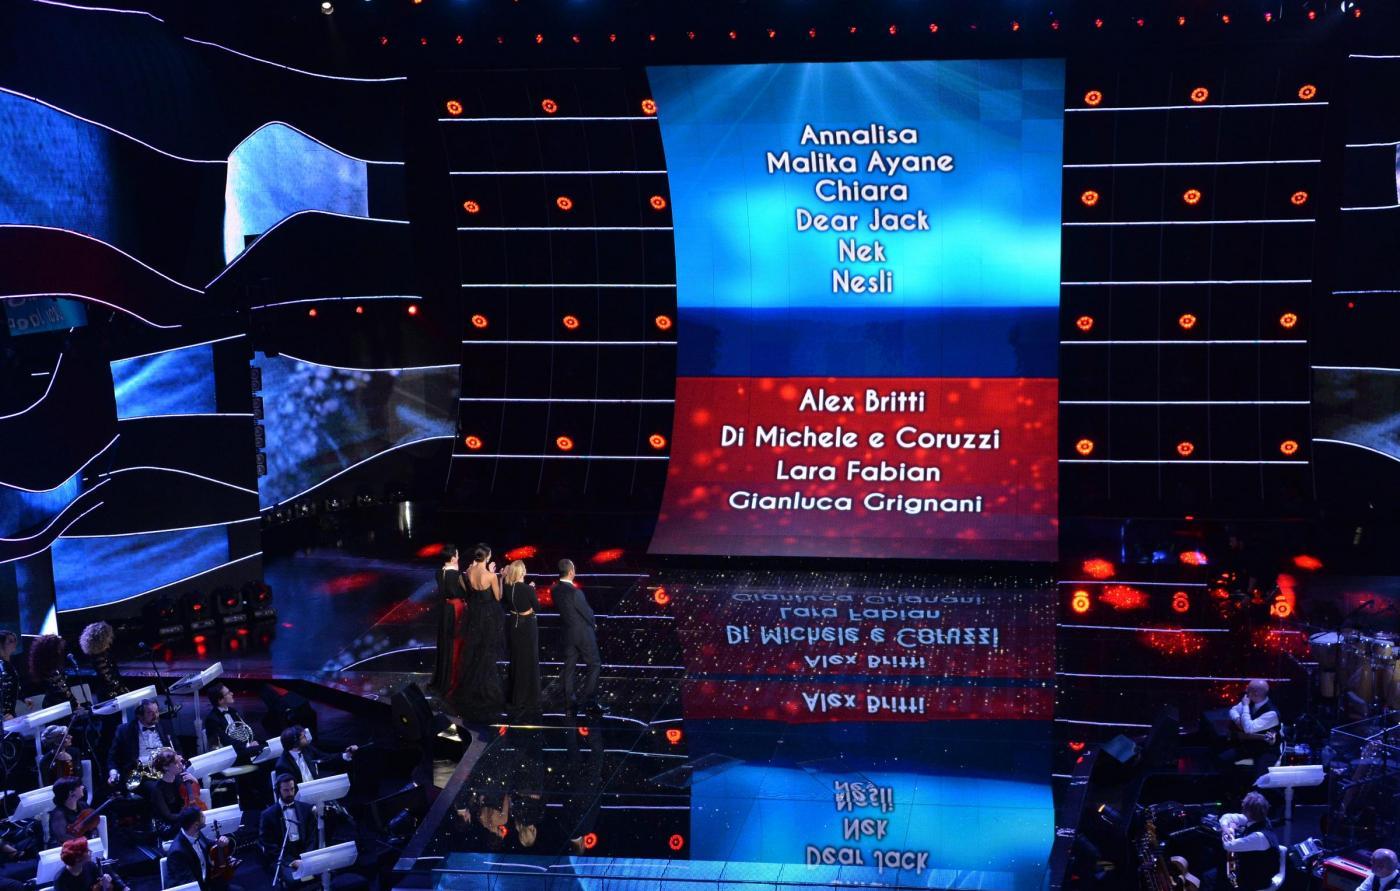 Sanremo 2015, le canzoni della prima serata del Festival